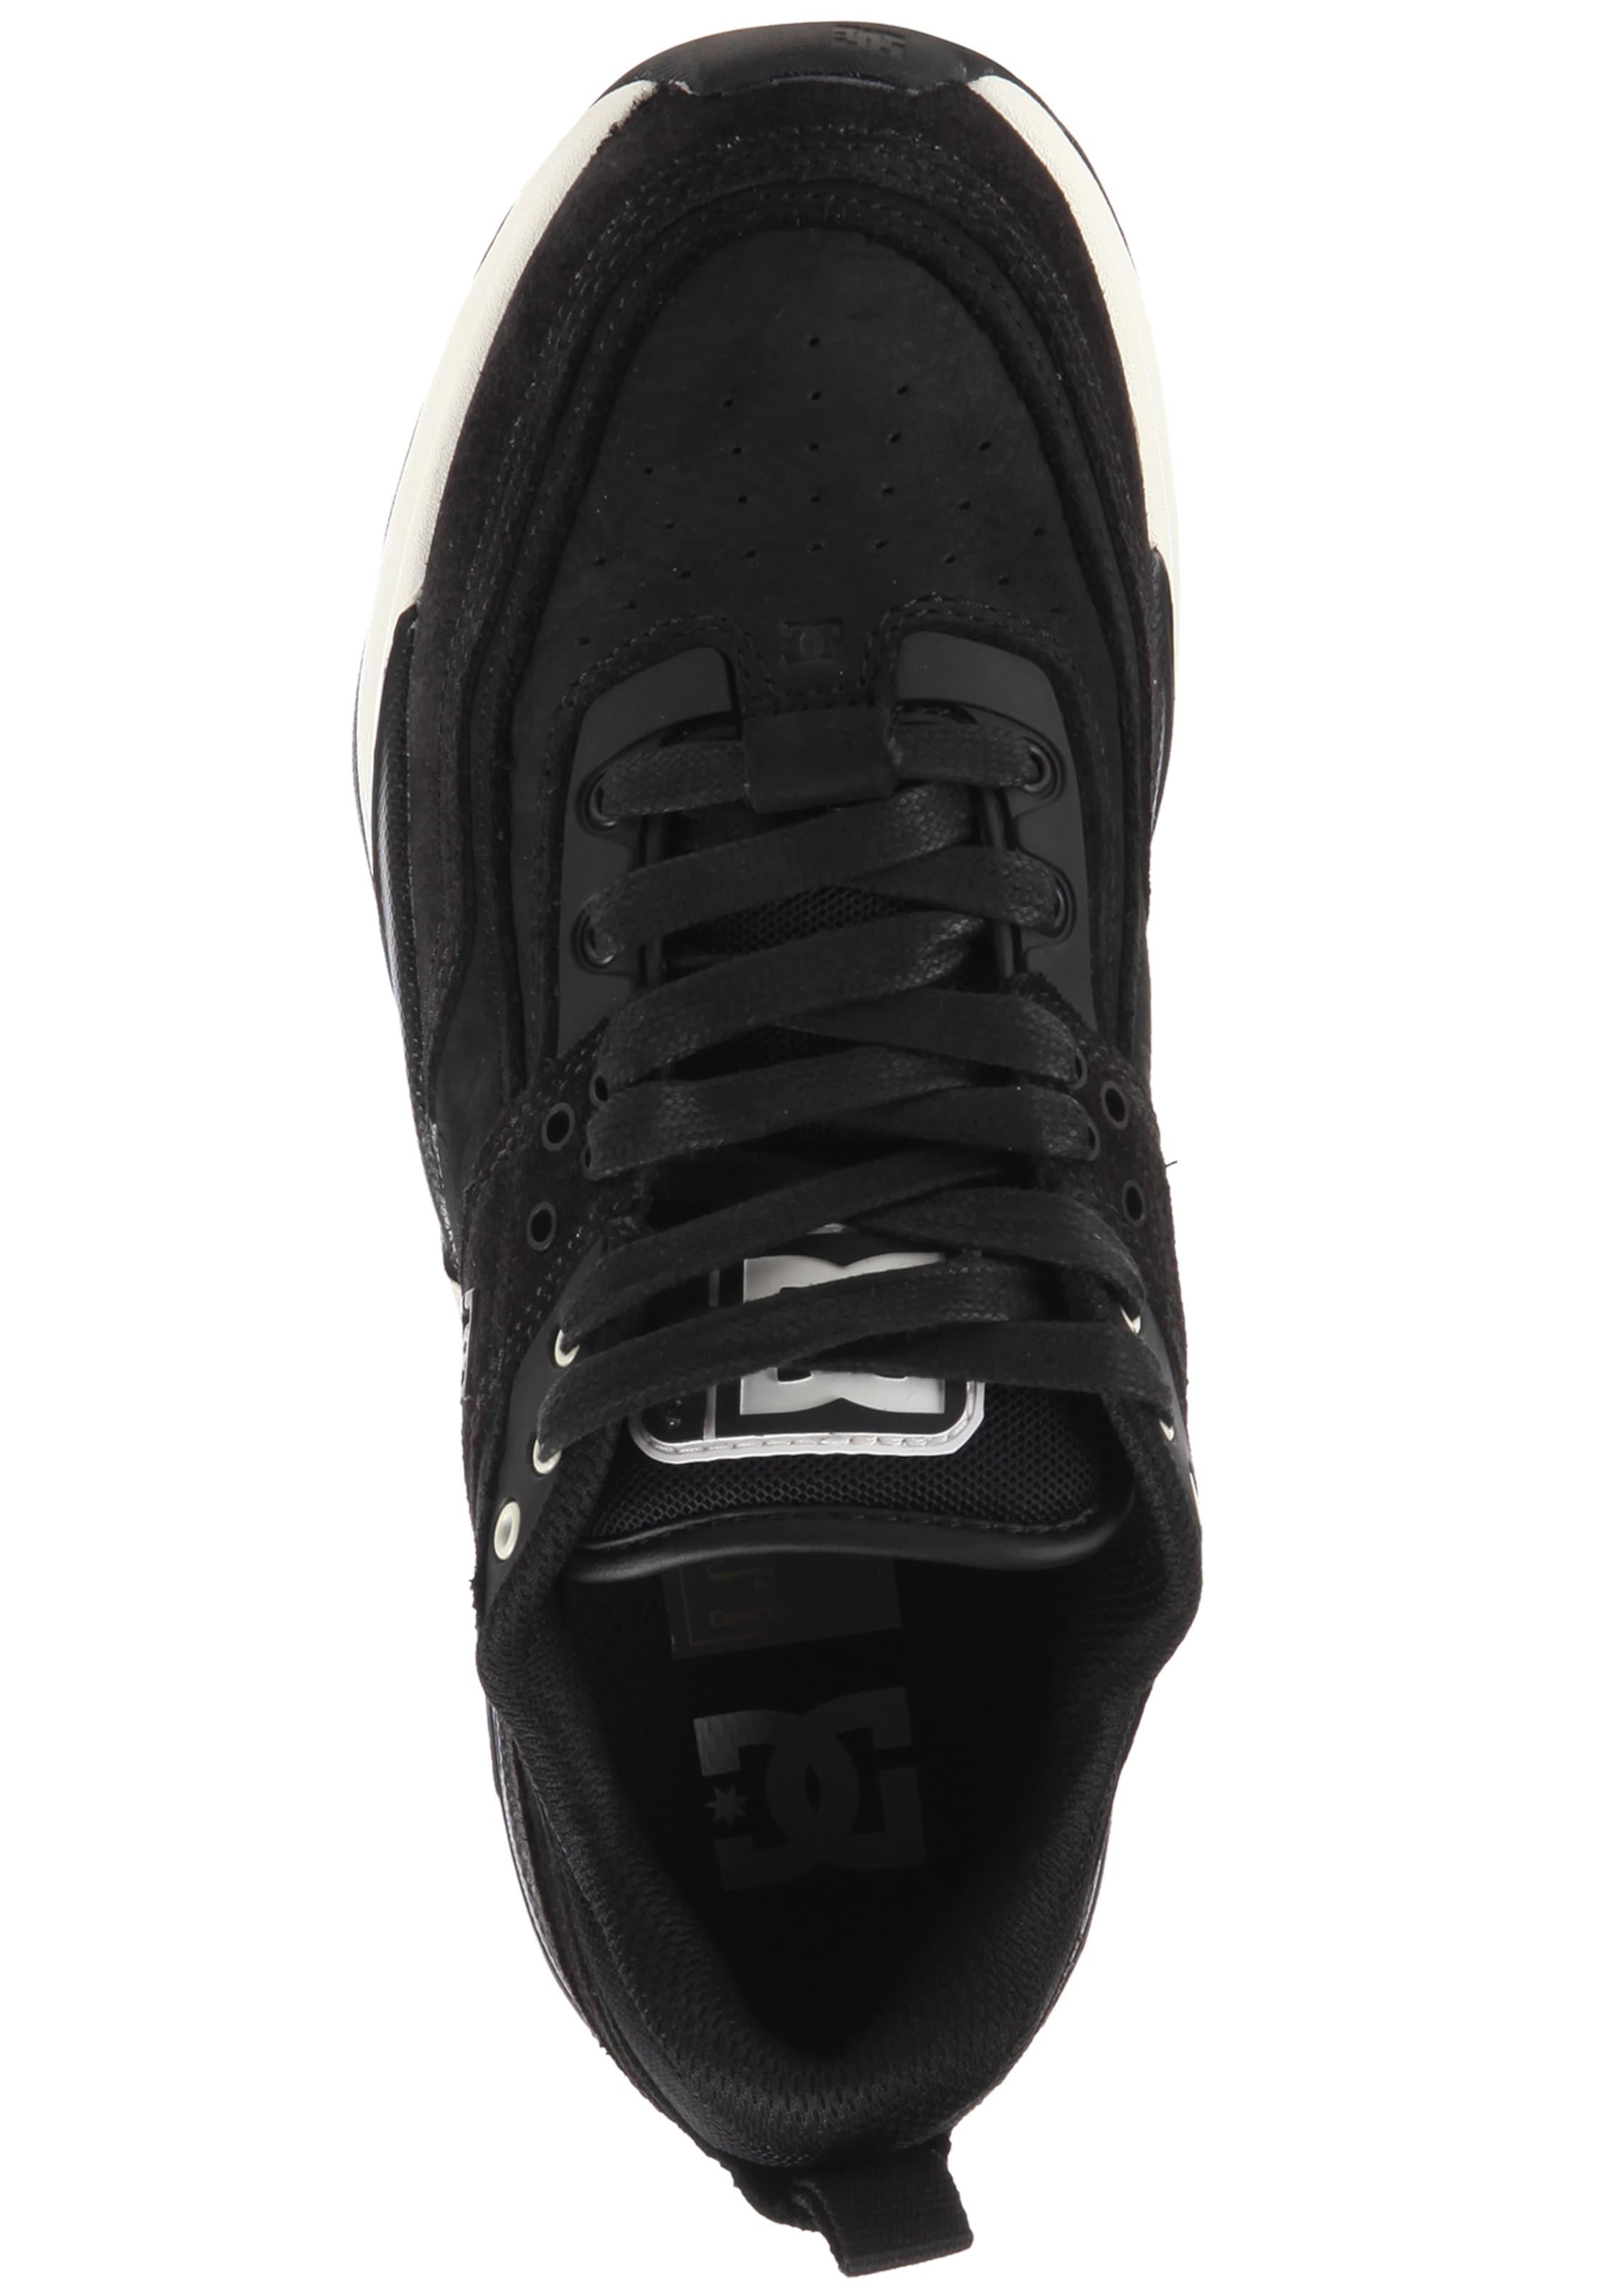 'e Schwarz Le tribeka' Dc In Shoes Sneaker 7ybfY6g